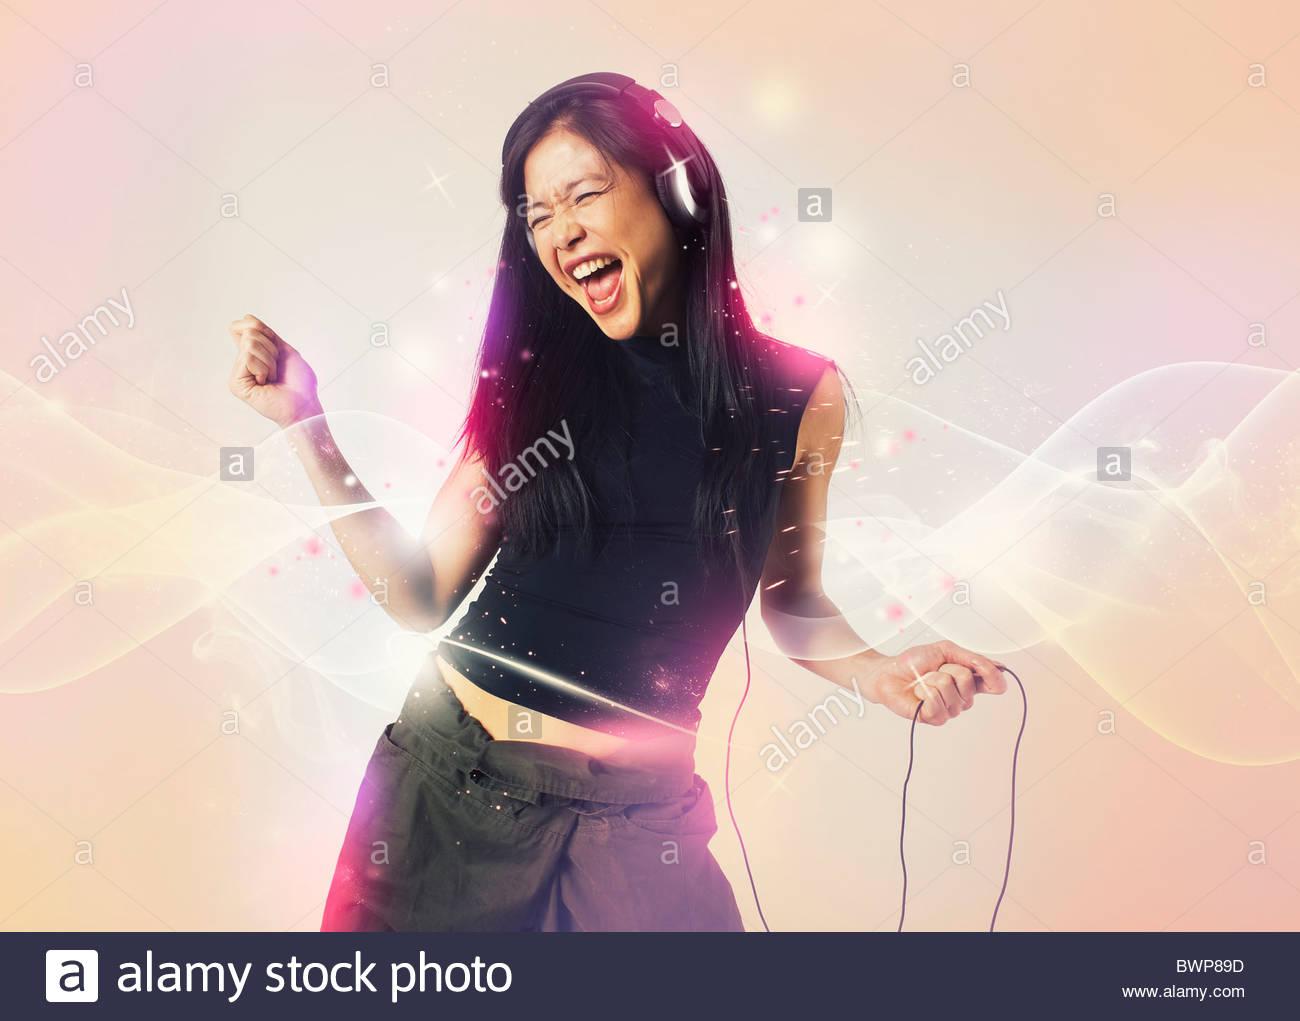 Mujer feliz cantando y bailando Imagen De Stock